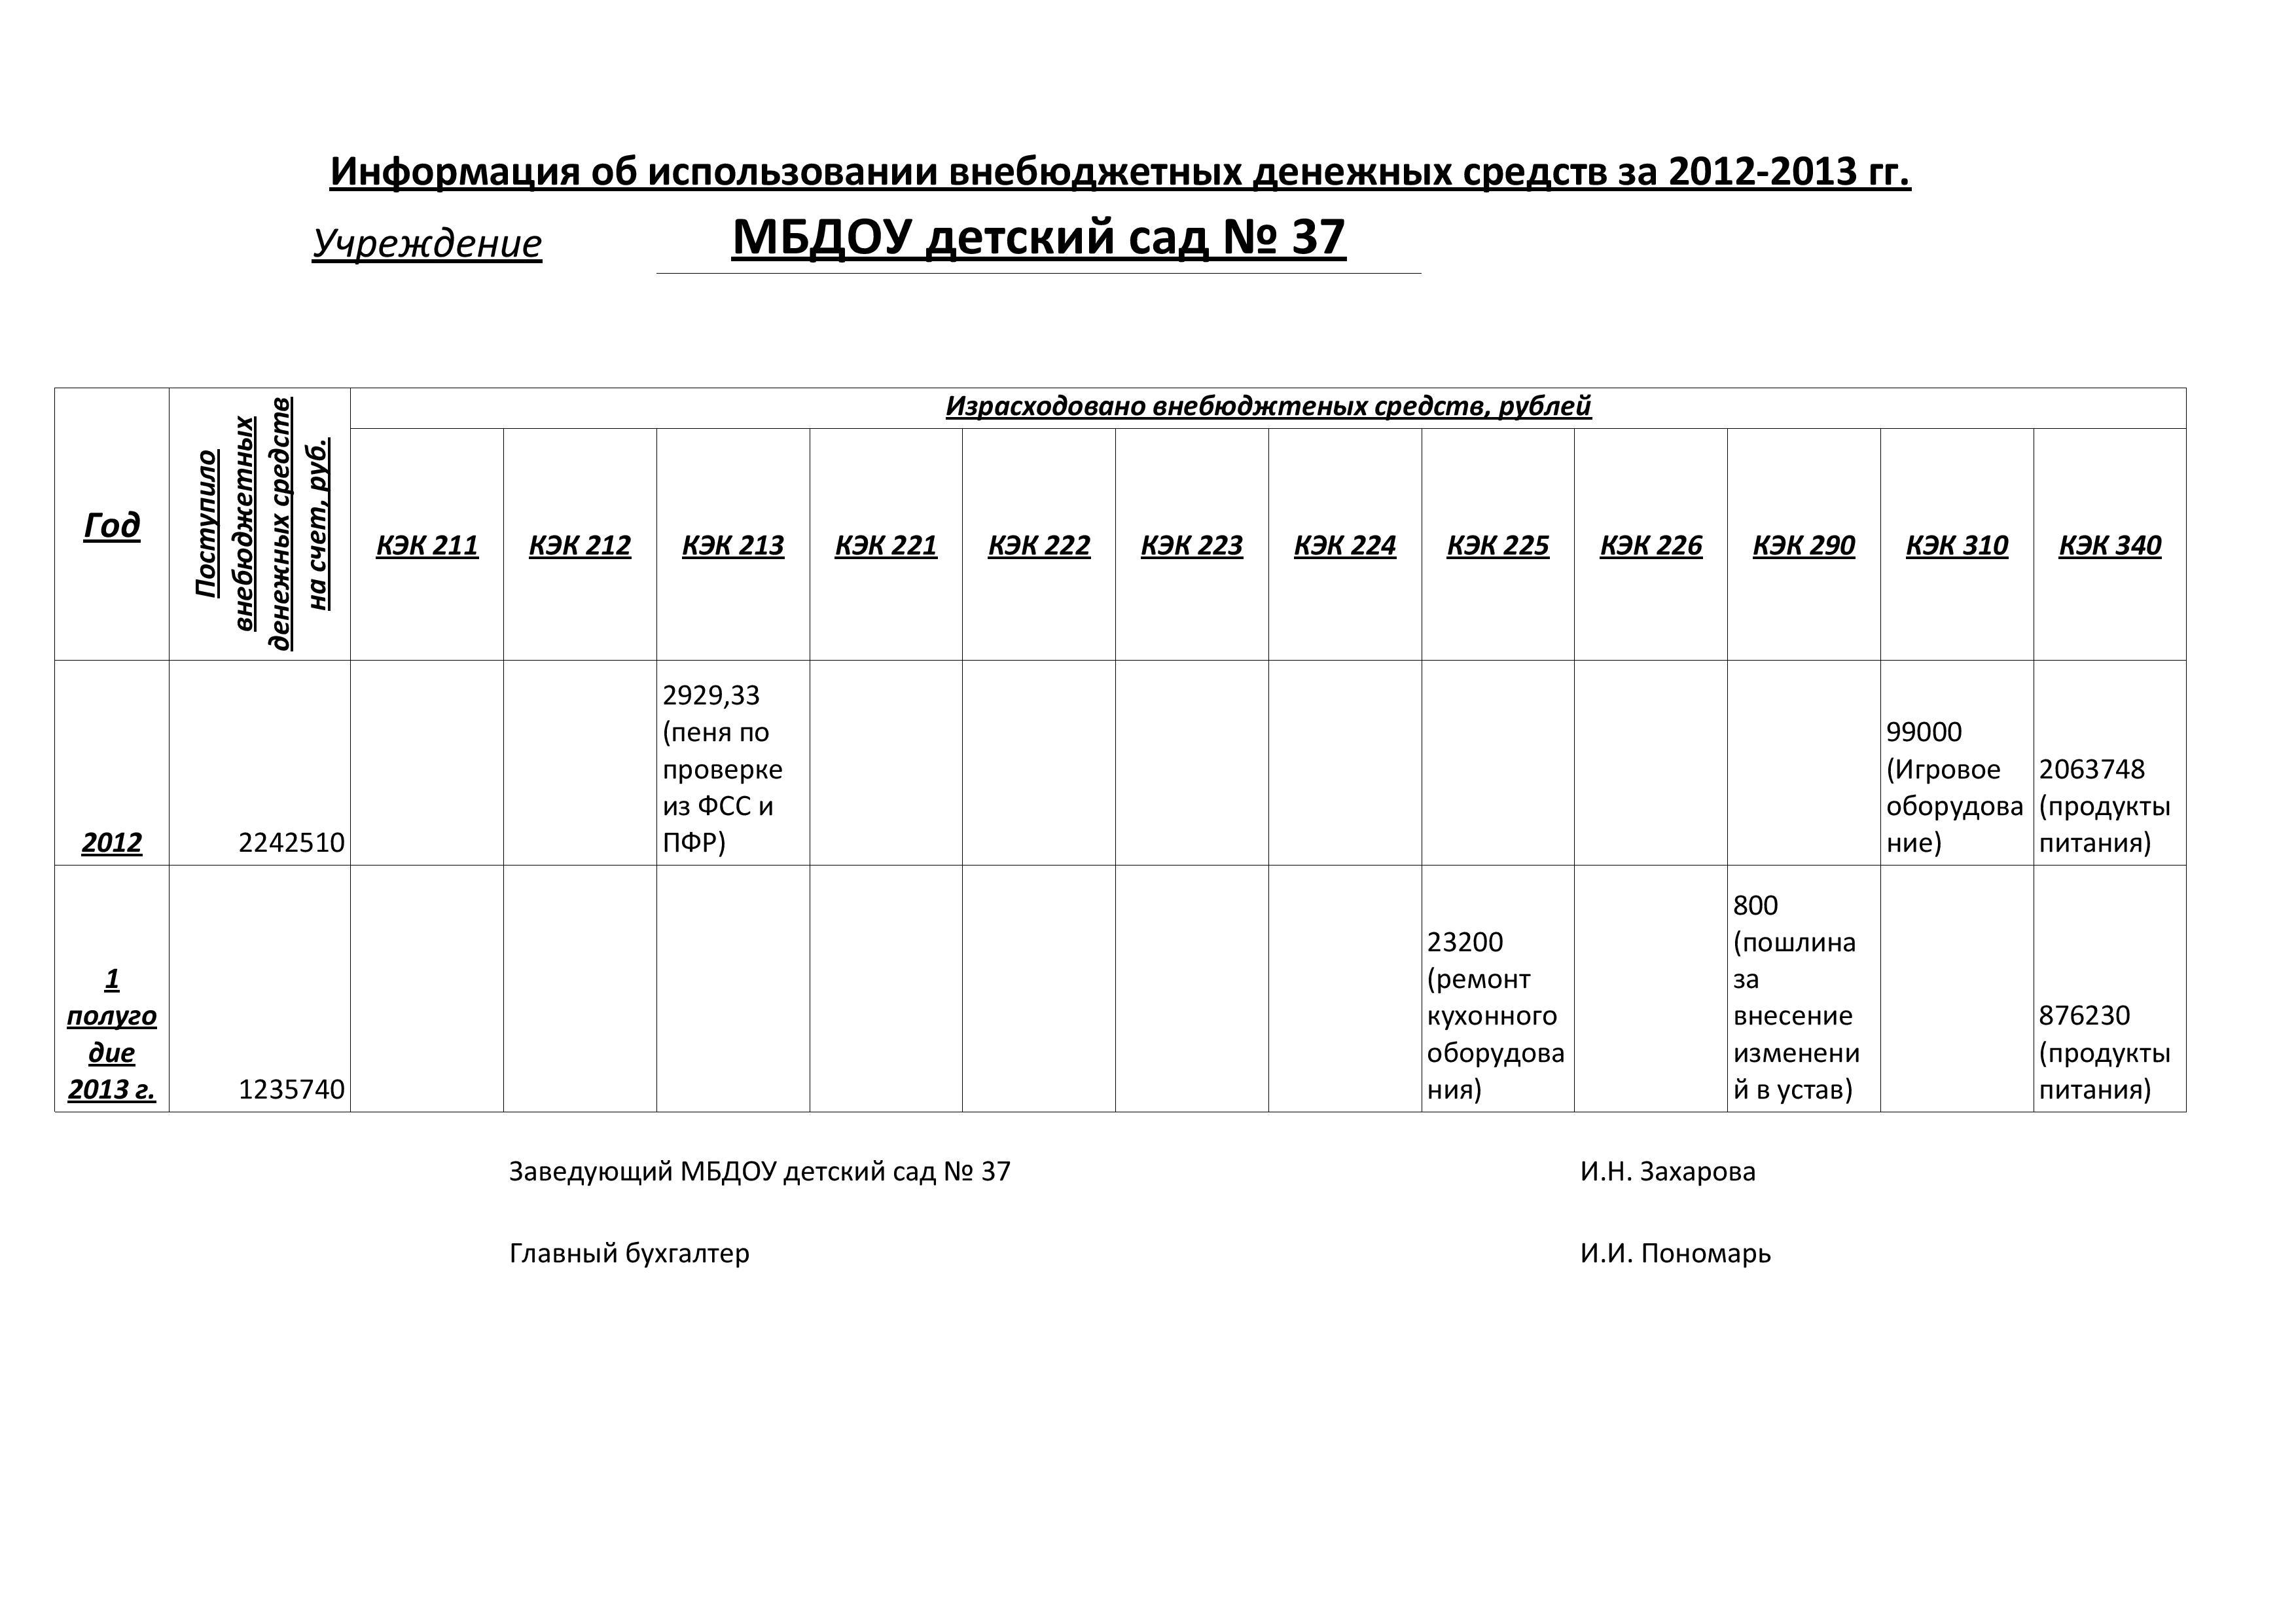 37_информация о внебюджетных средствах-page-001